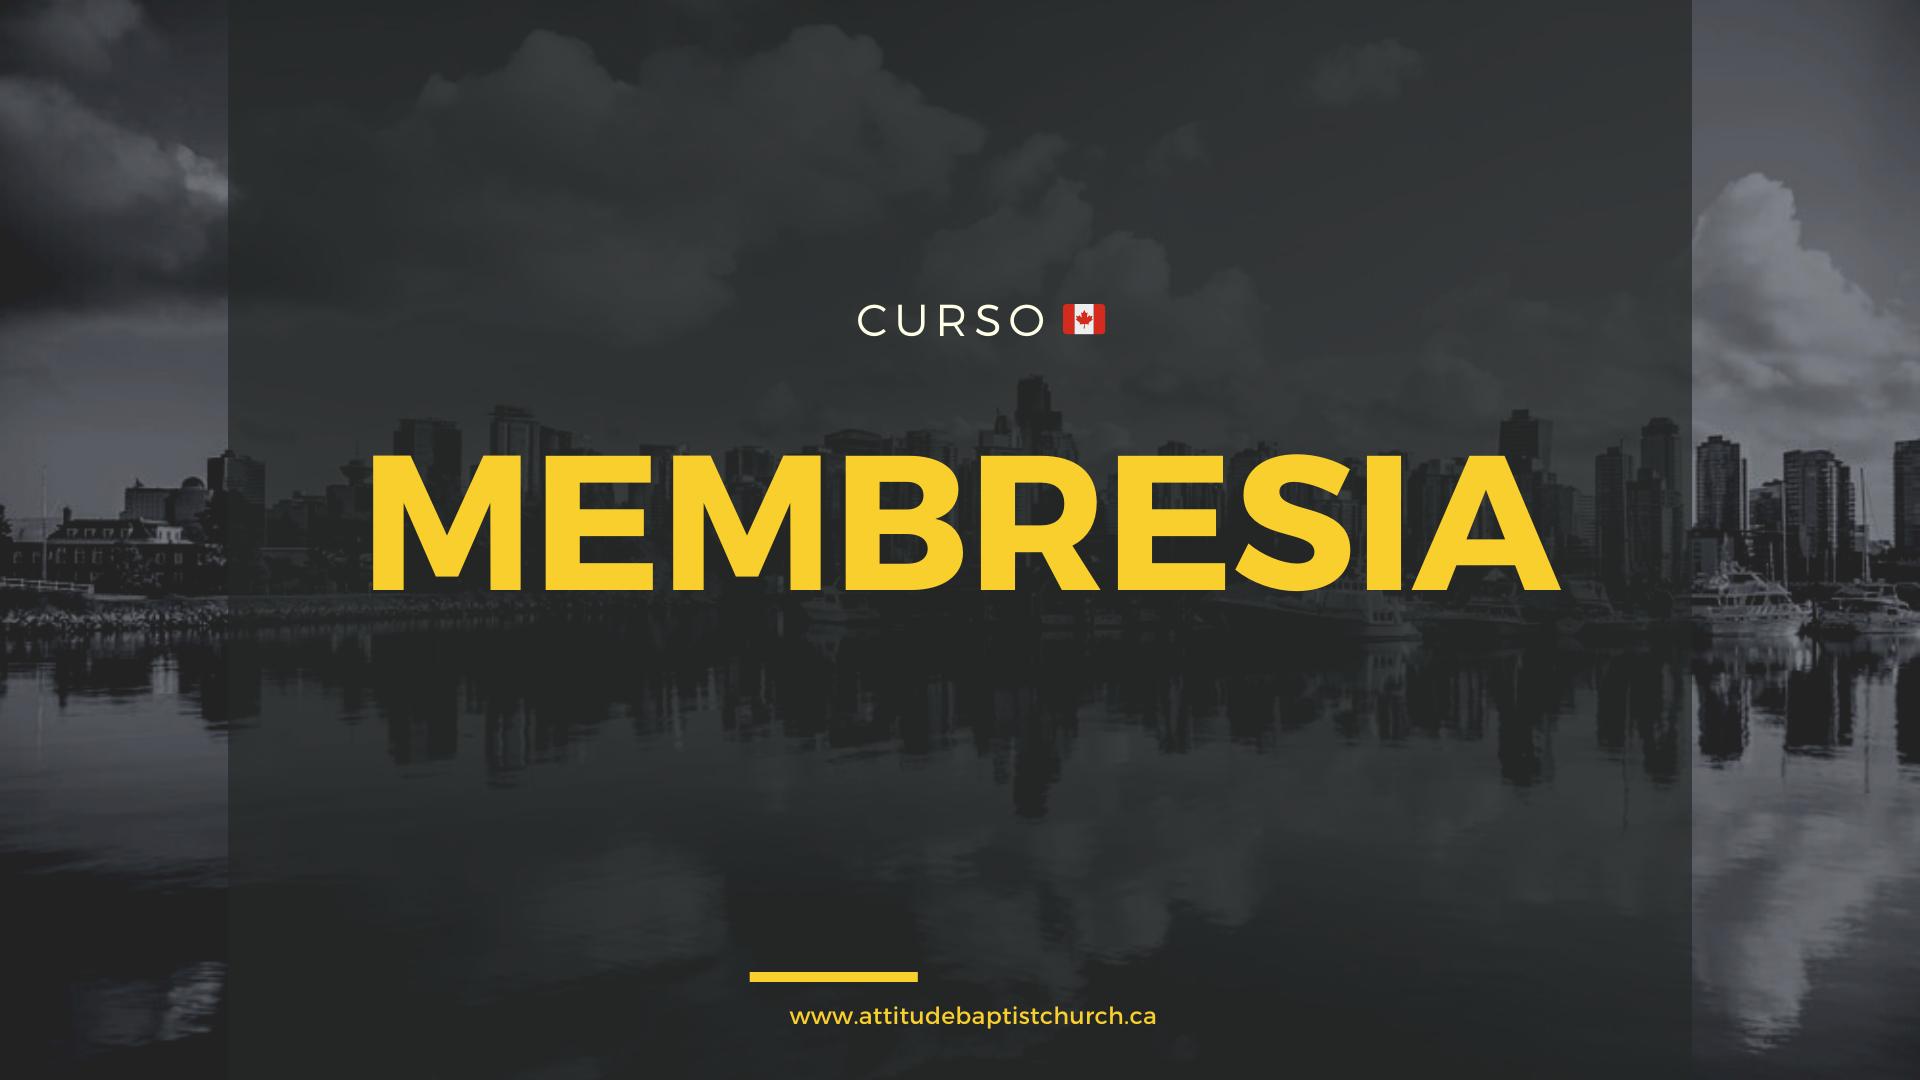 CURSO DE MEMBRESIA (Novos Membros) da Igreja Batista Atitude em Vancouver